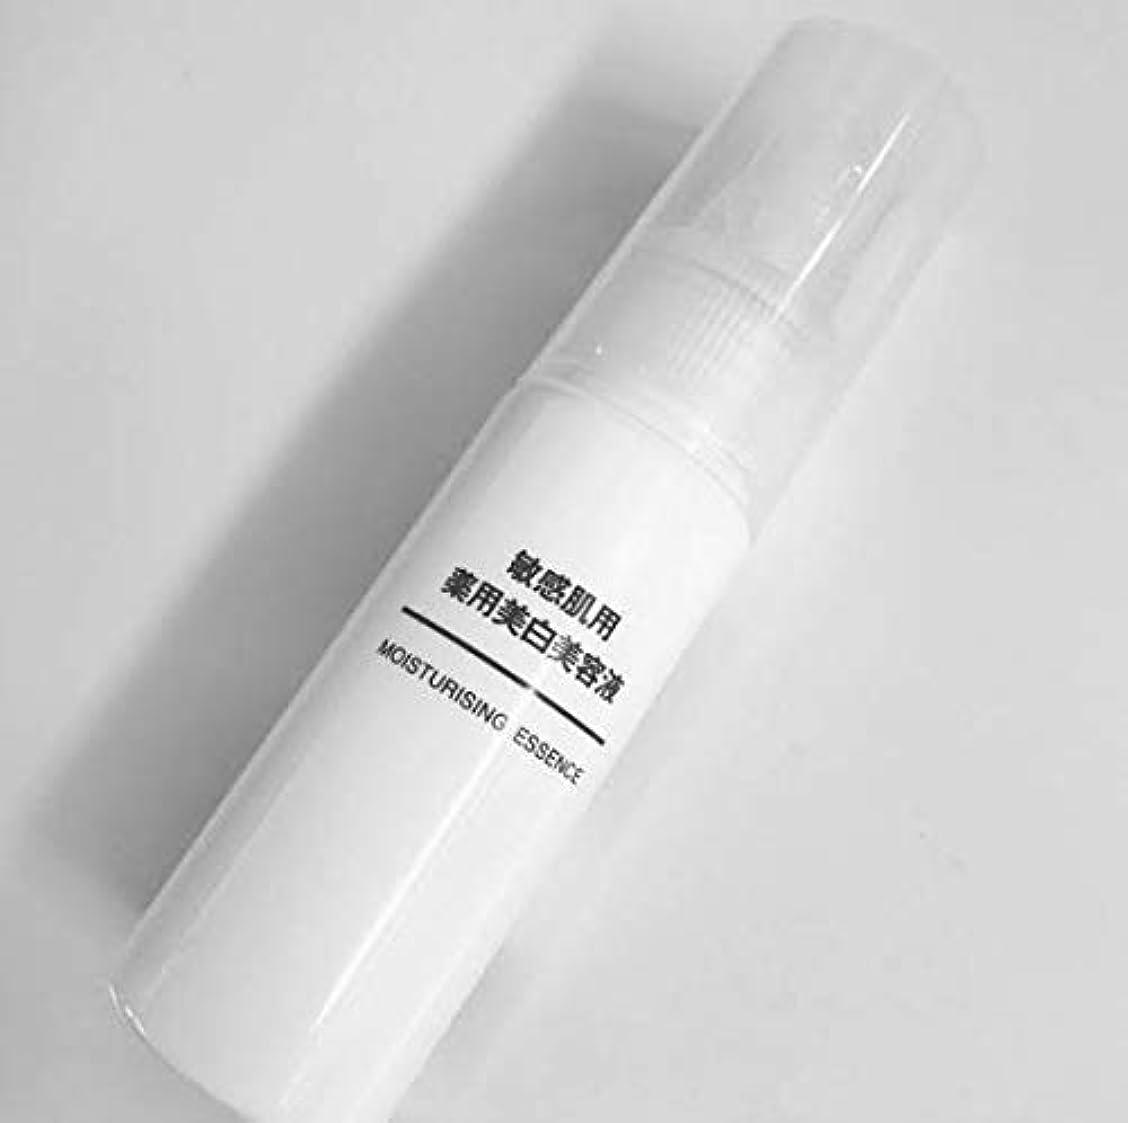 開いた実装する流体無印良品 敏感肌用 薬用美白美容液 (新)50ml